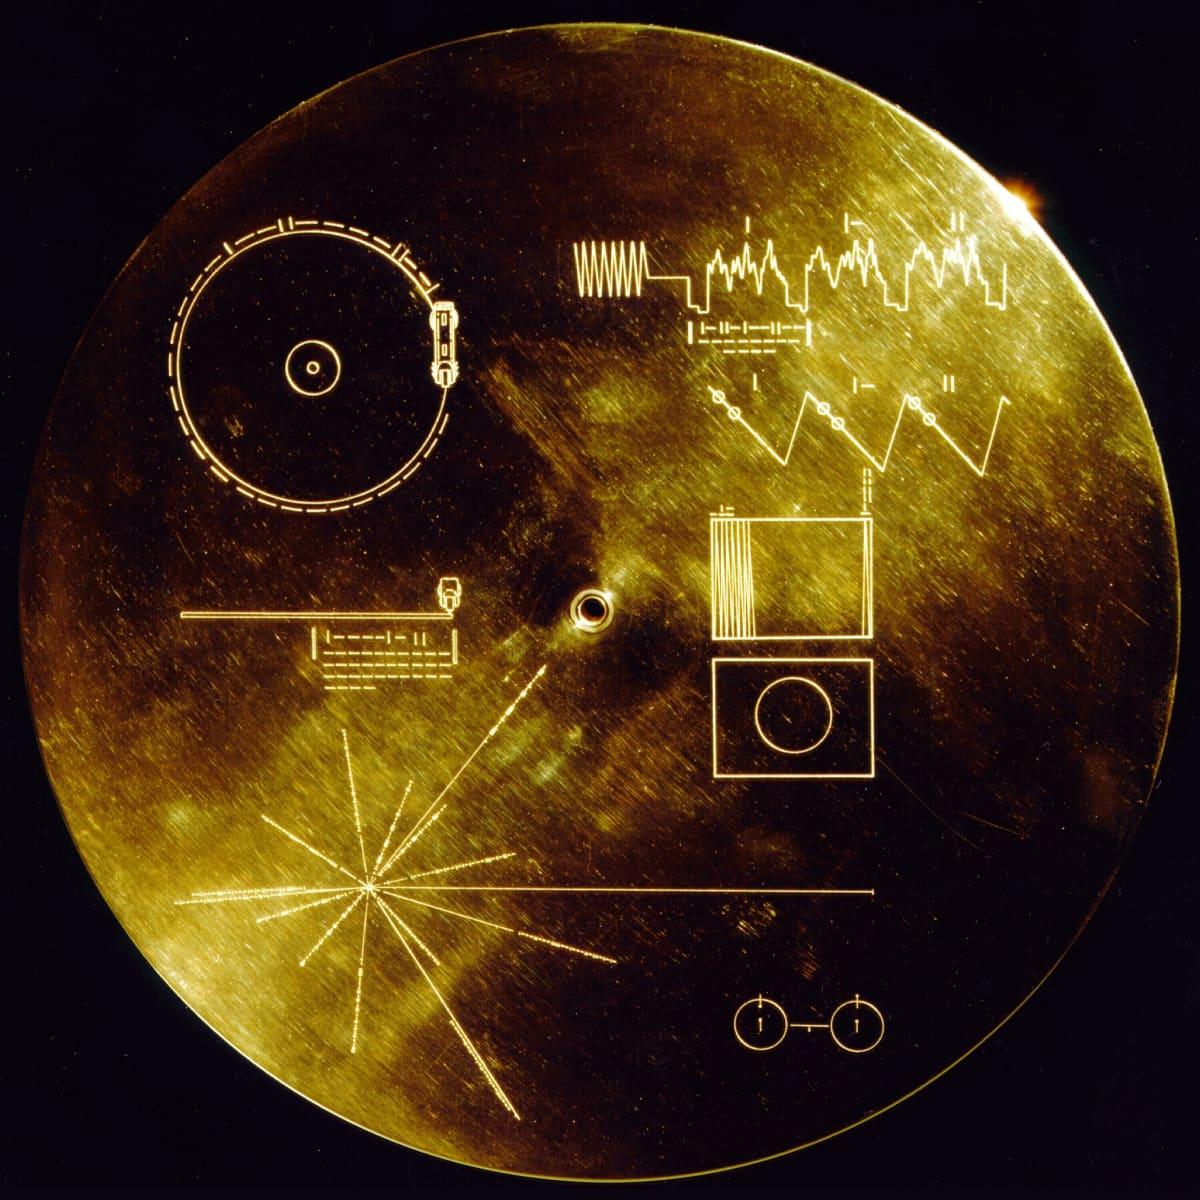 Fodralet till en av de gyllene skivorna från Voyagersonderna.